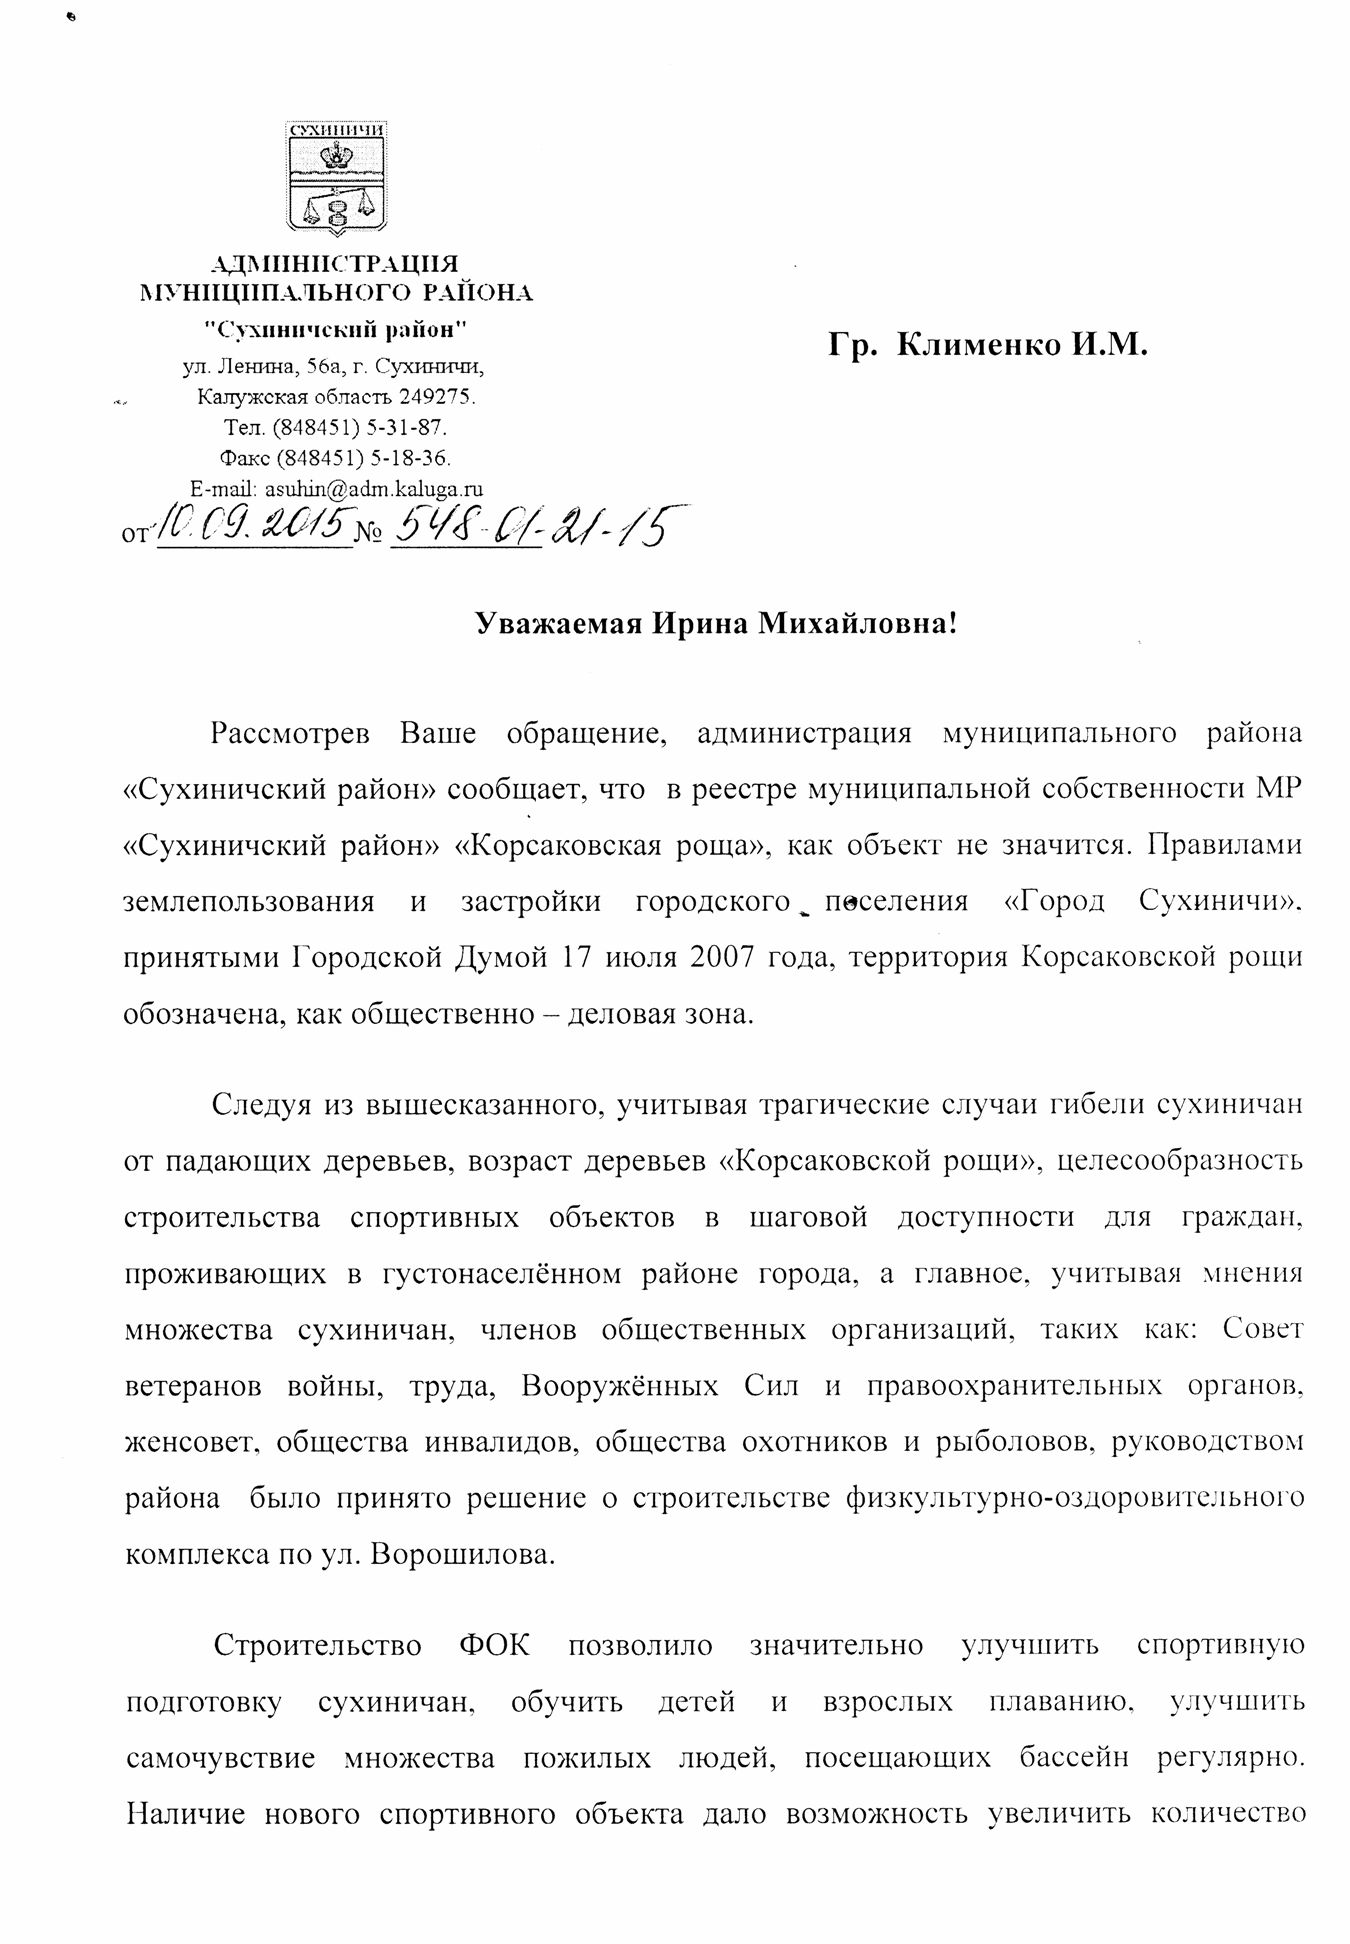 Ответ администрации 10.09.15_1